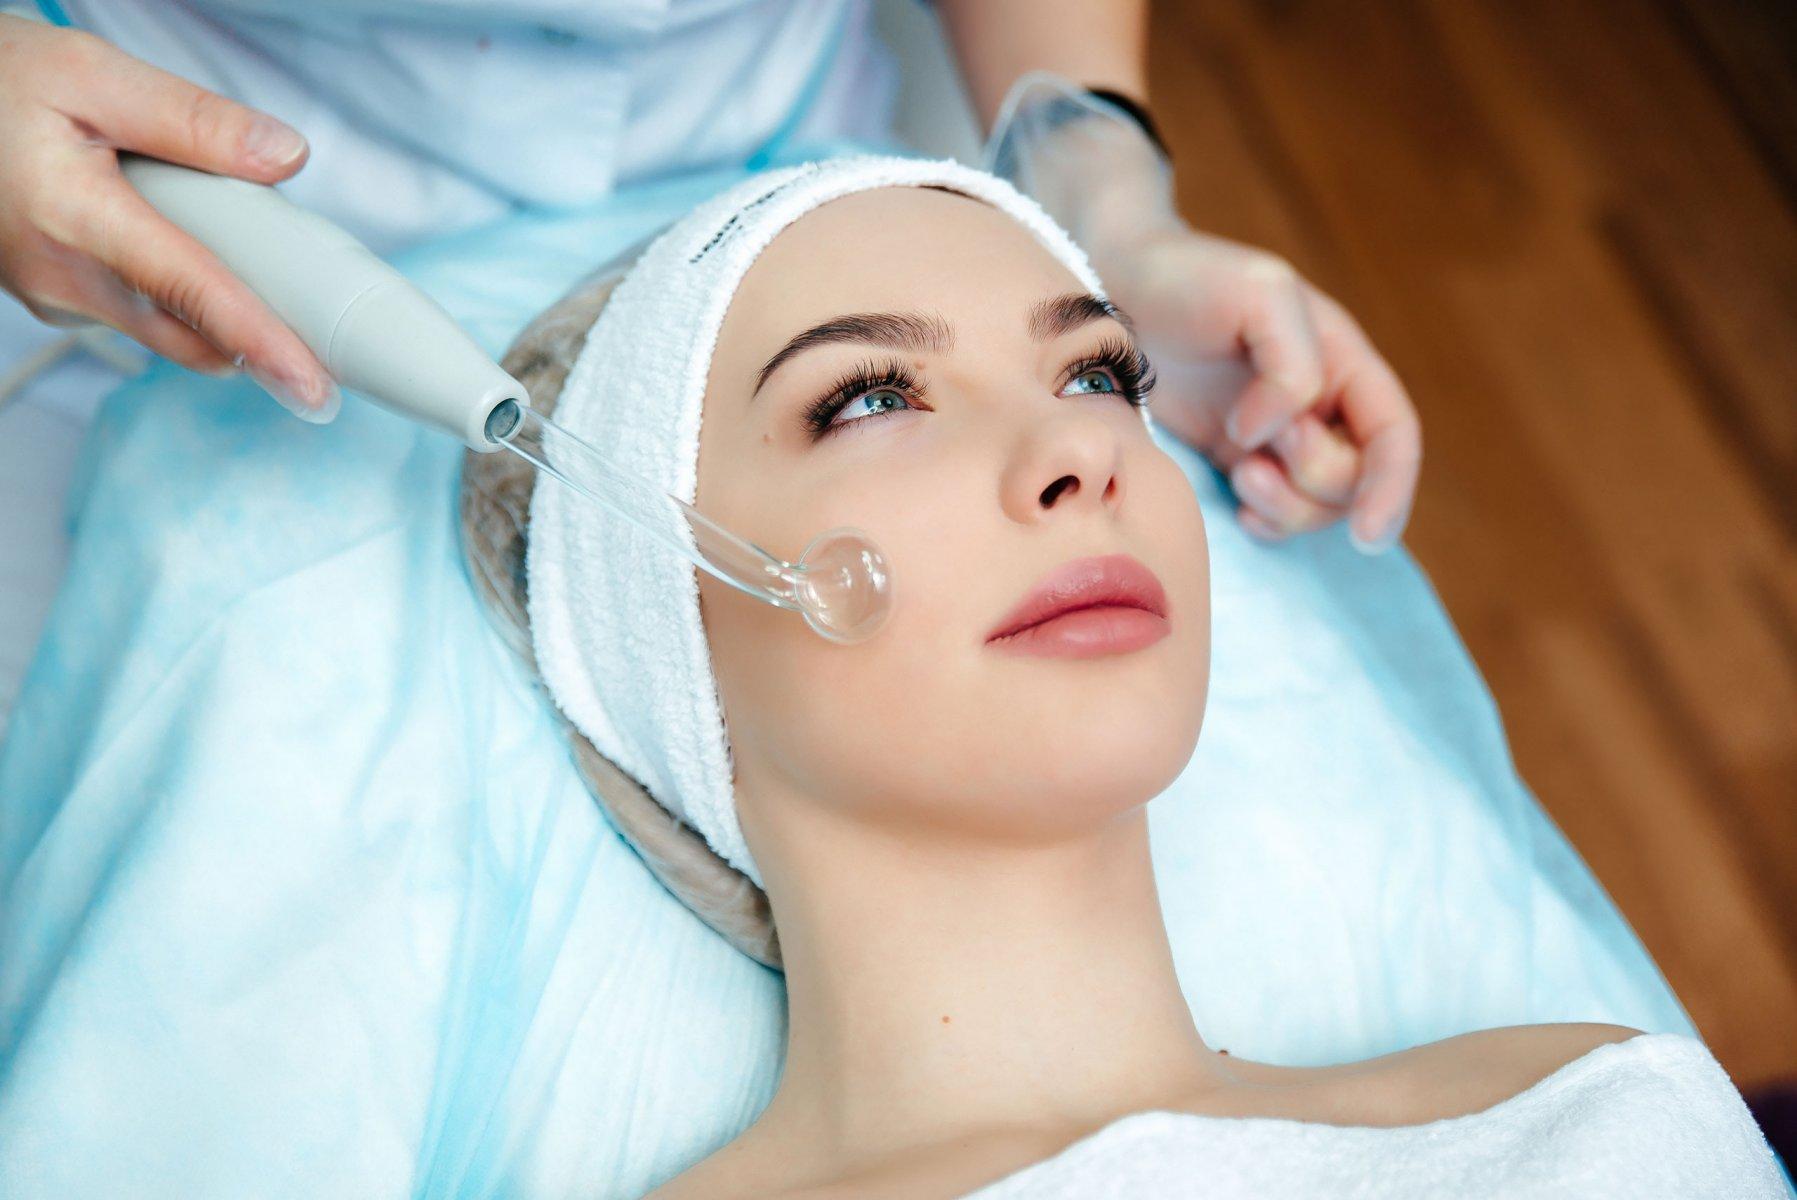 Технология воздействия дарсонвализации в лечебных и косметических целях